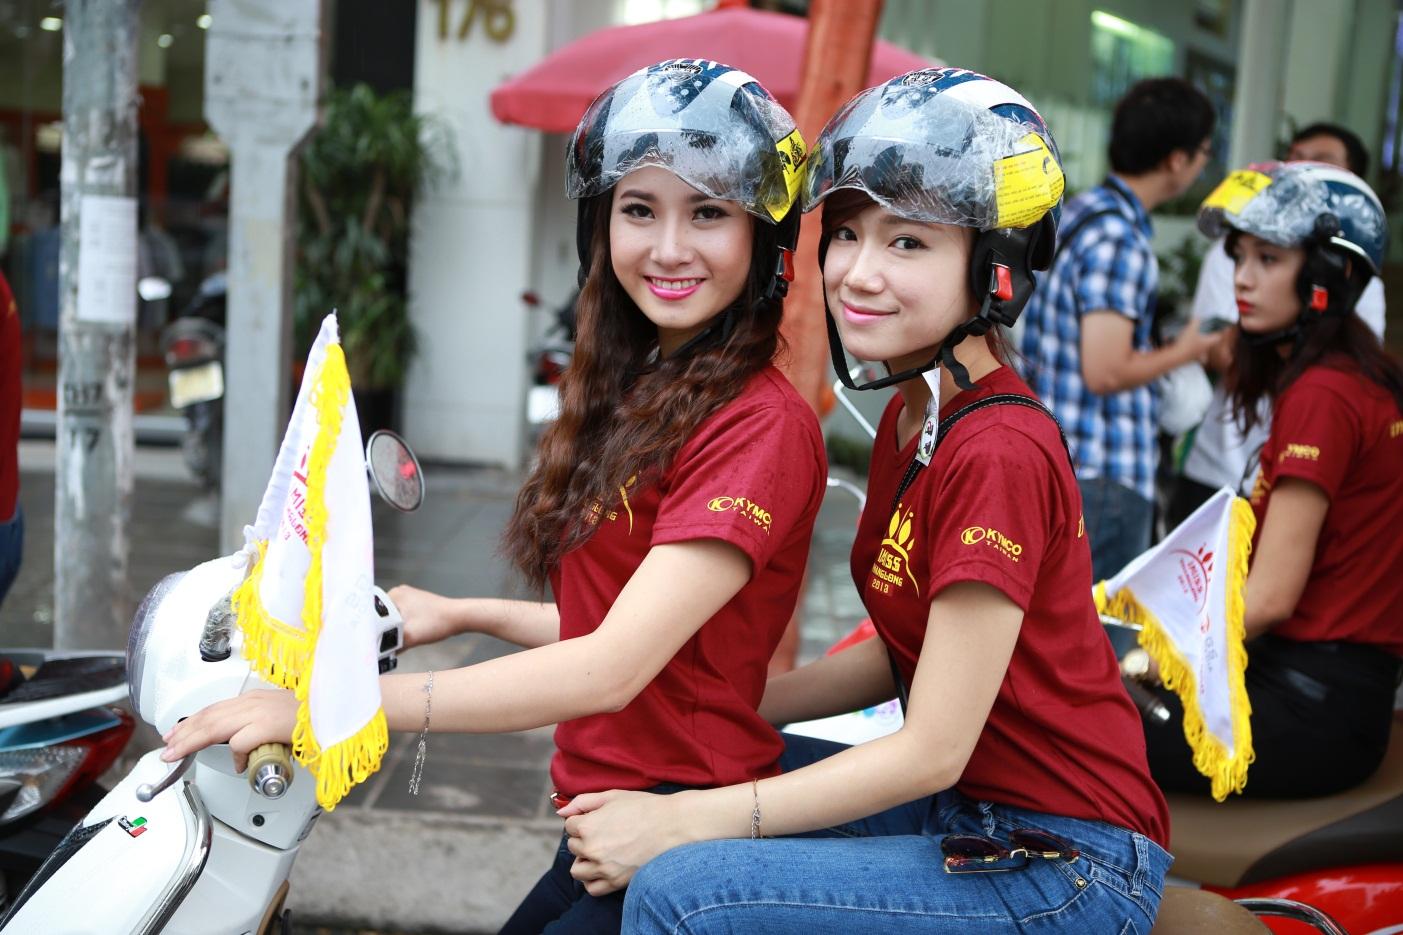 Hãy sử dụng mũ bảo hiểm chất lượng để đảm bảo an toàn cho bản thân